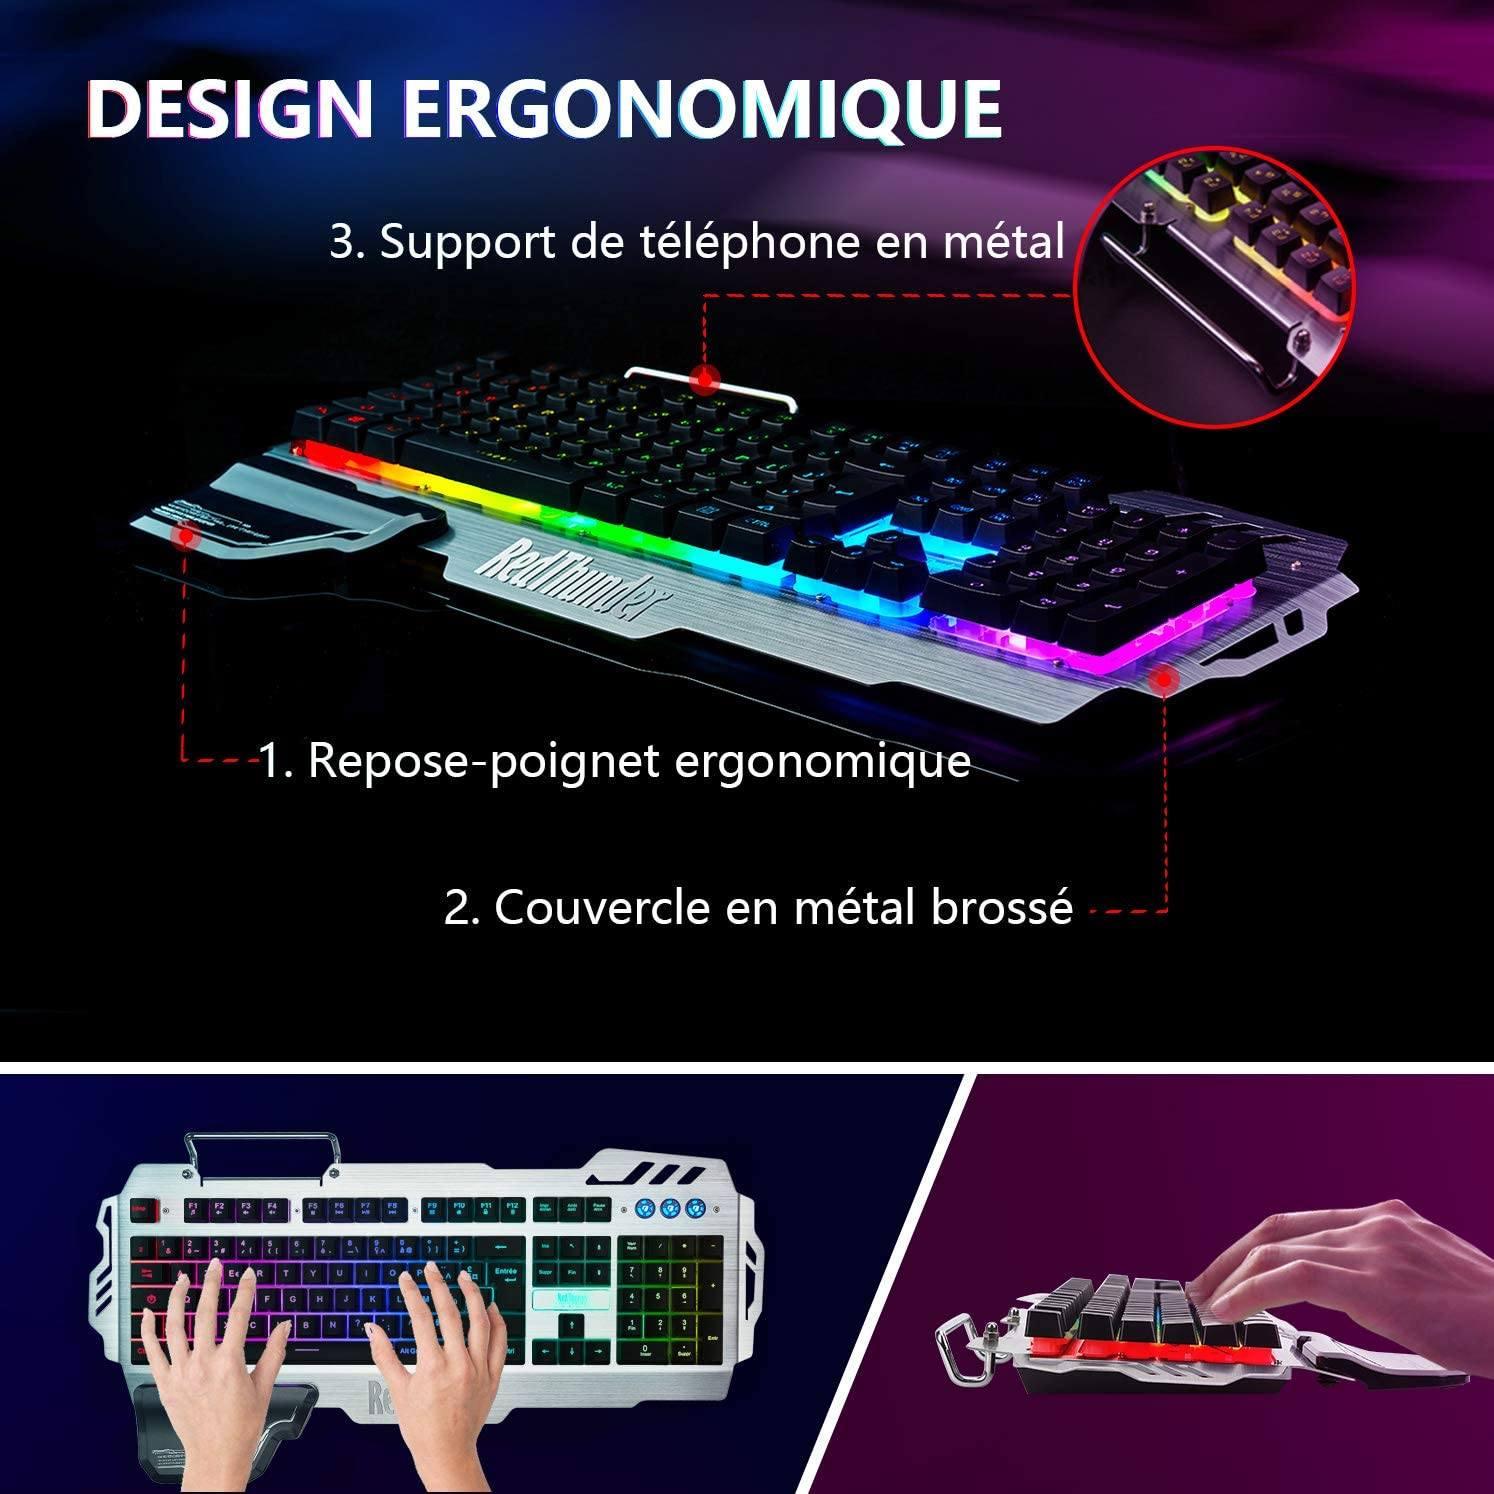 À quoi faut-il veiller lors de l'achat d'un clavier ergonomique?